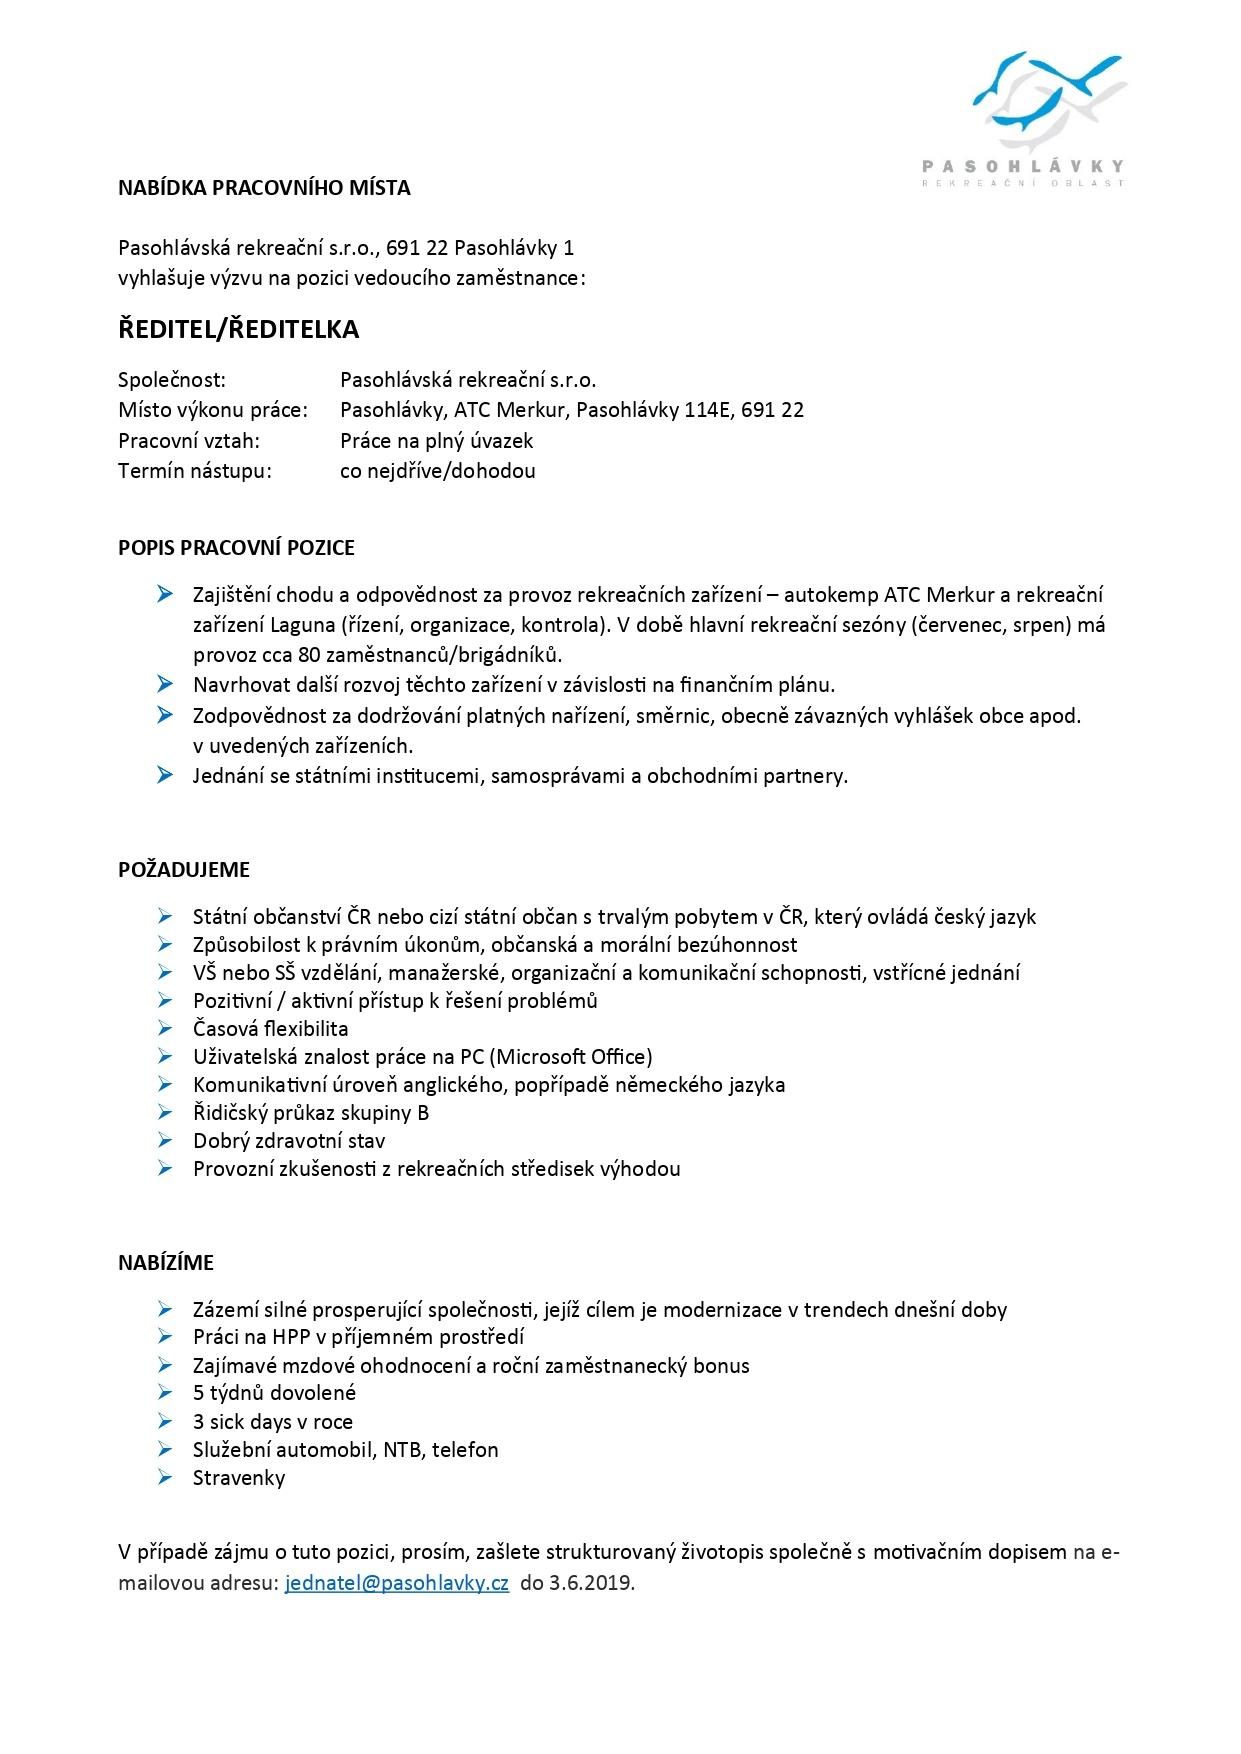 Výzva na pracovní pozici ředitel-ředitelka_page-0001